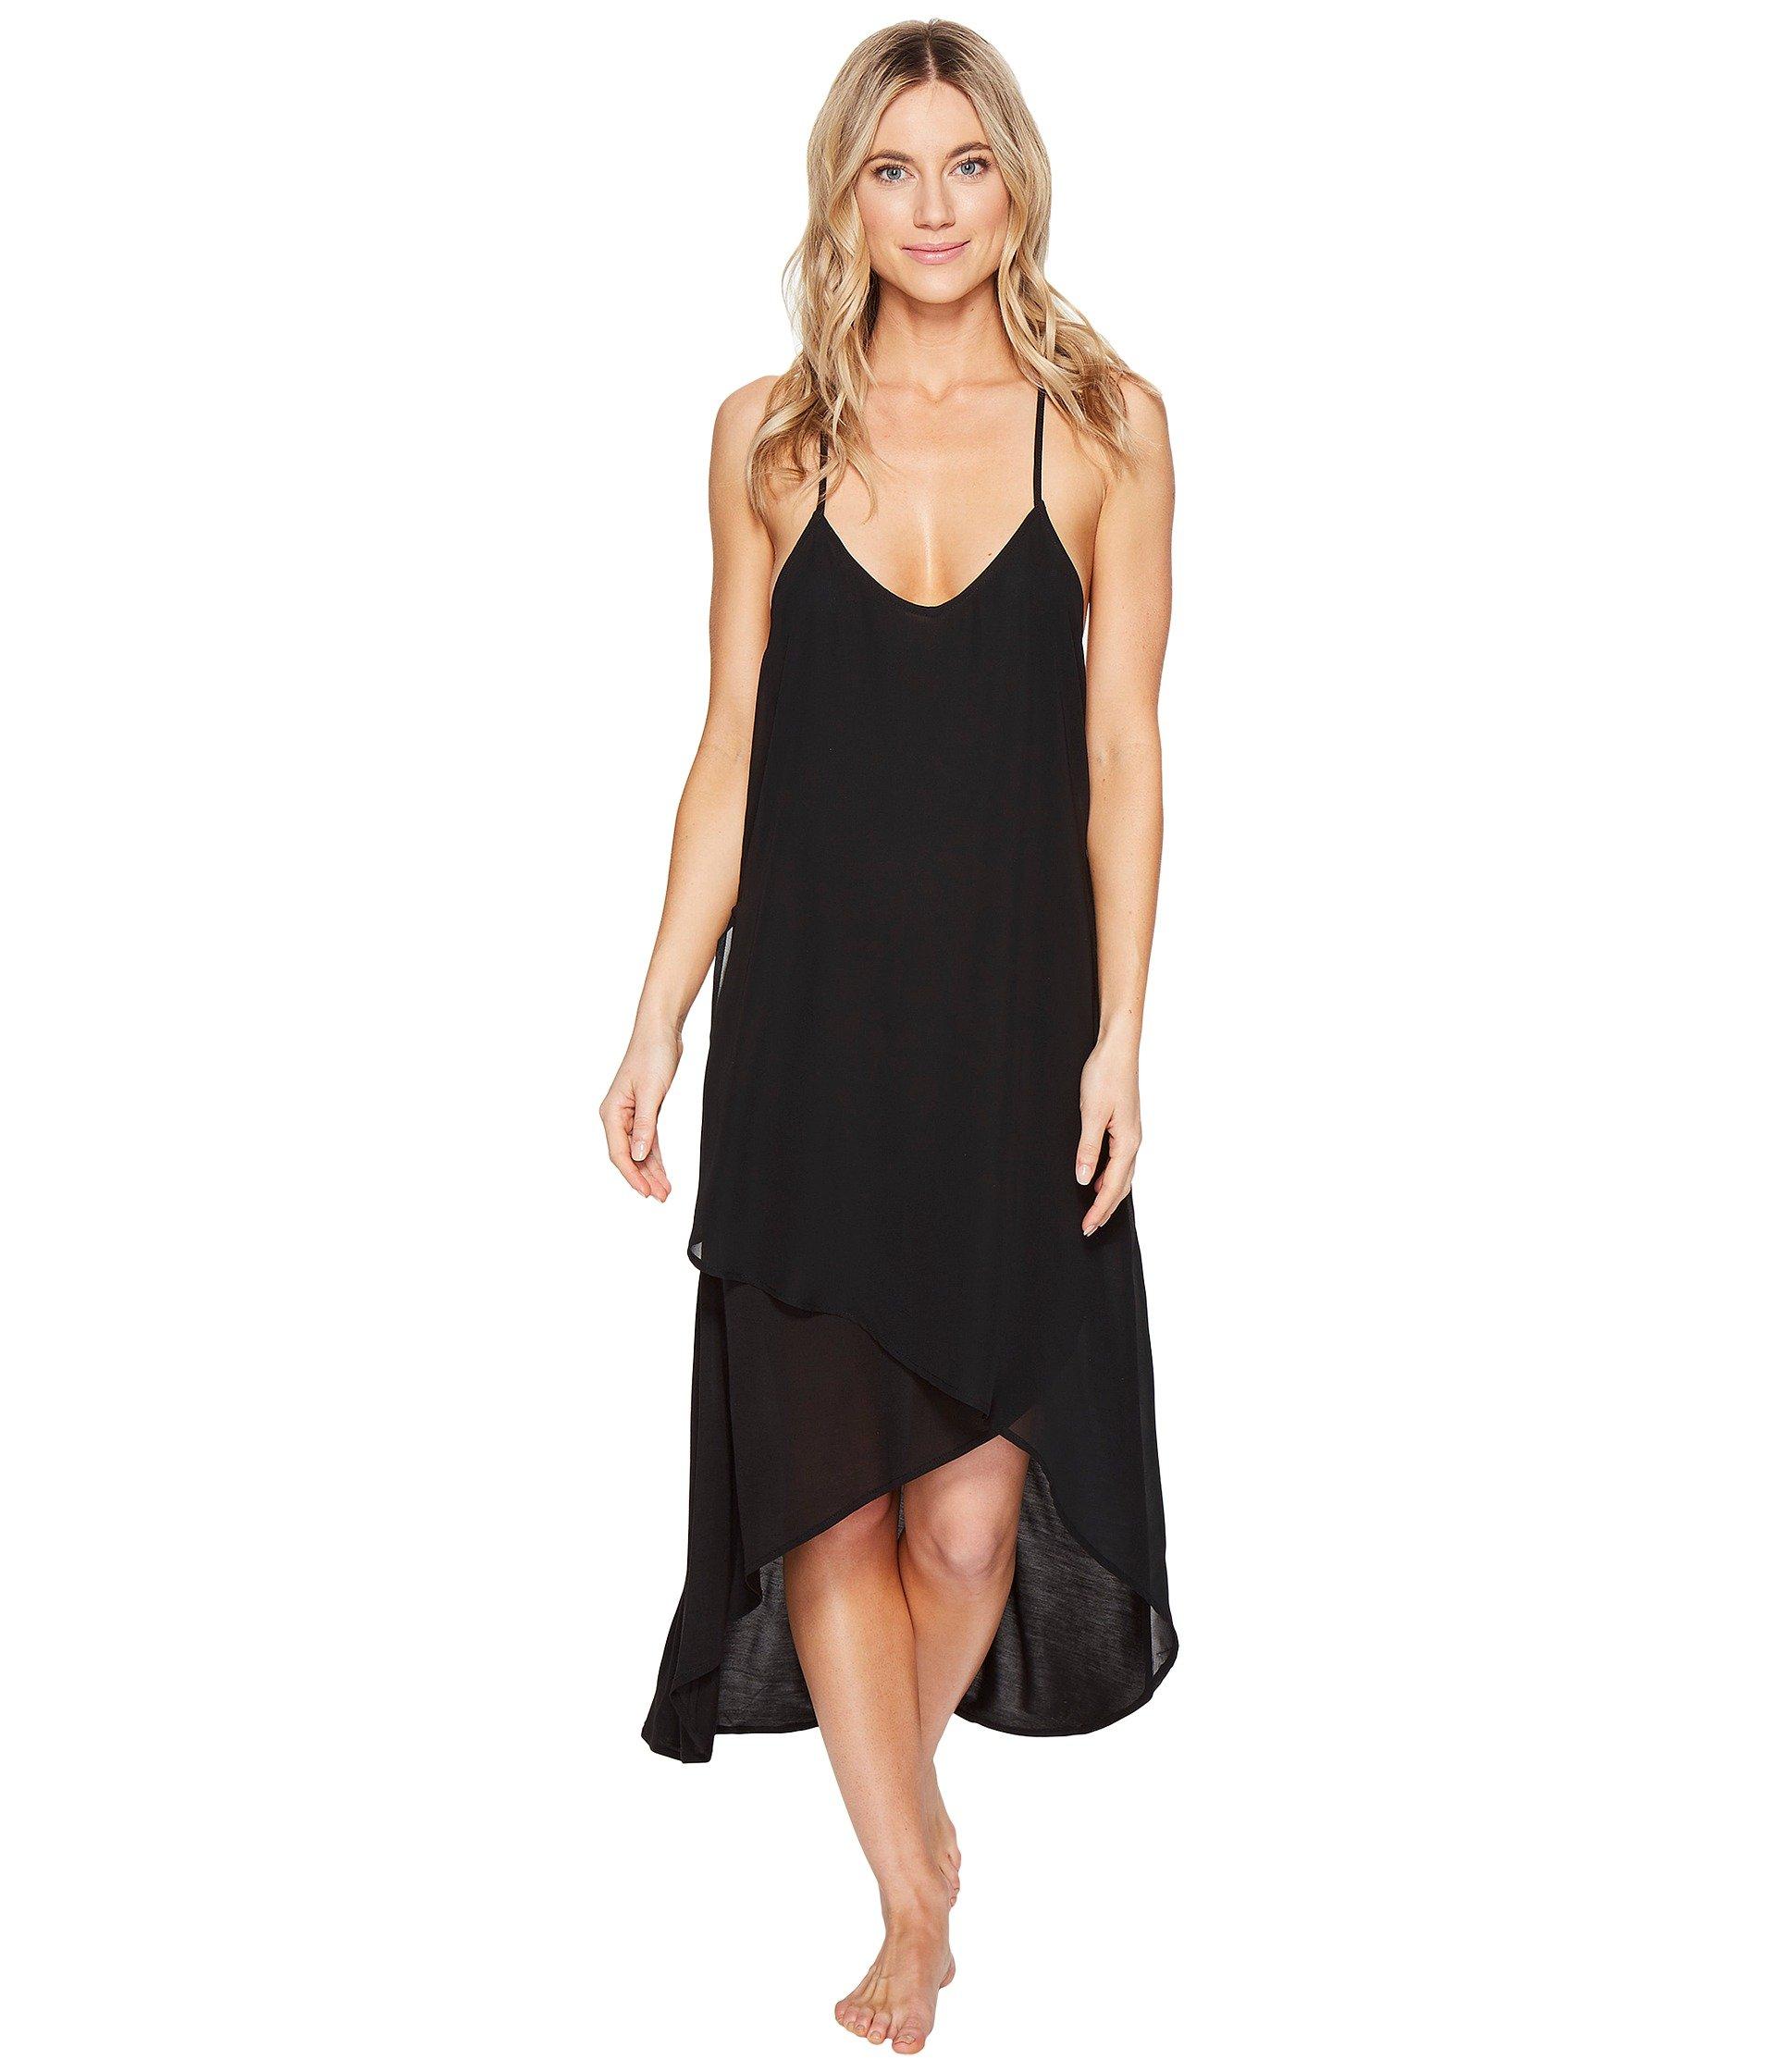 Babydoll DKNY Fashion Modal Jersey Chemise  + DKNY en VeoyCompro.net